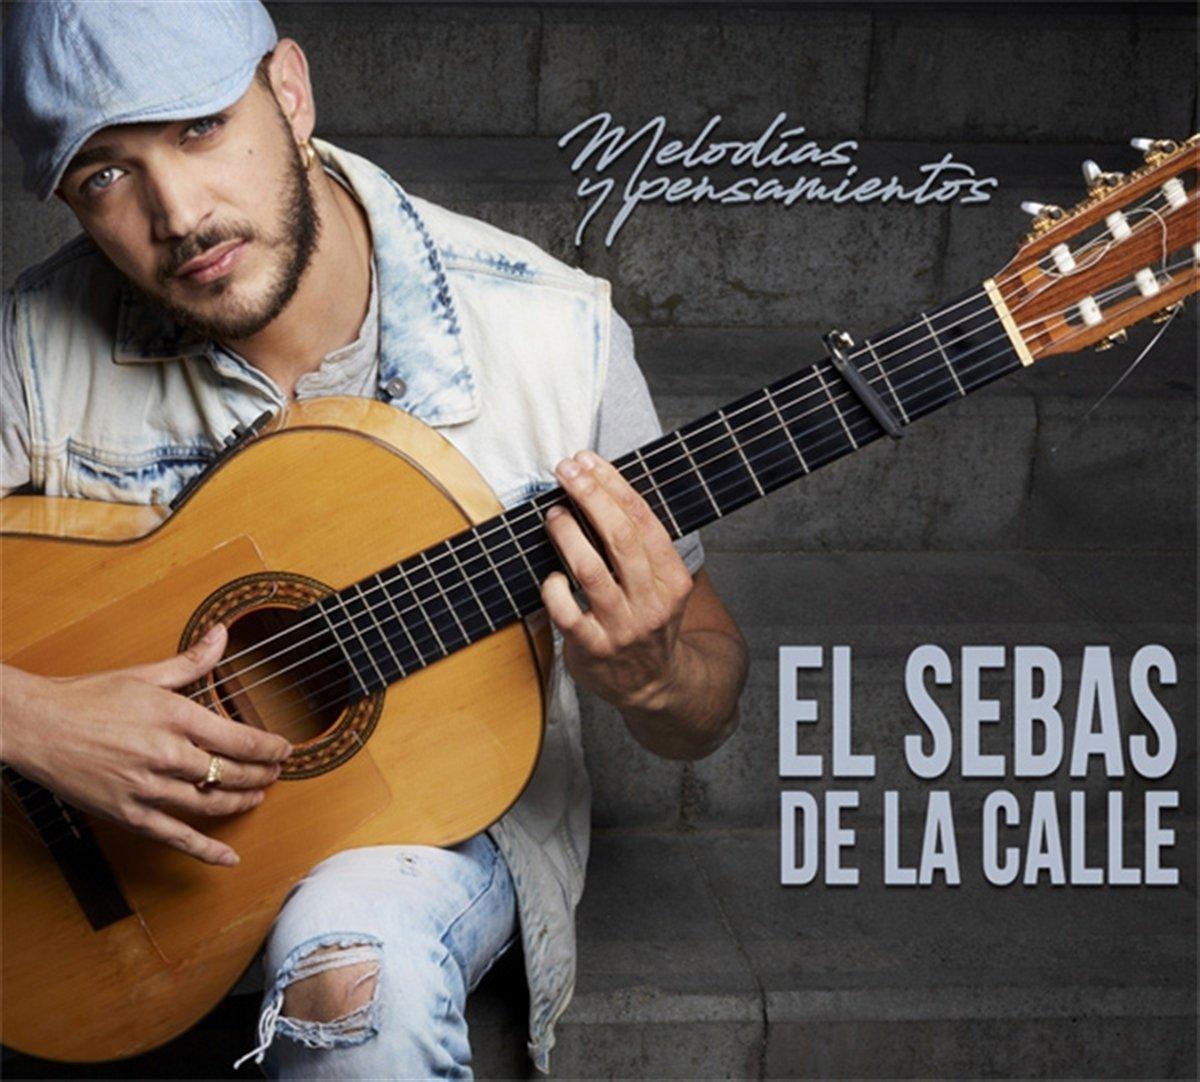 Melodias Y Pensamientos Cd: El Sebas De La Calle: Amazon.es: Música